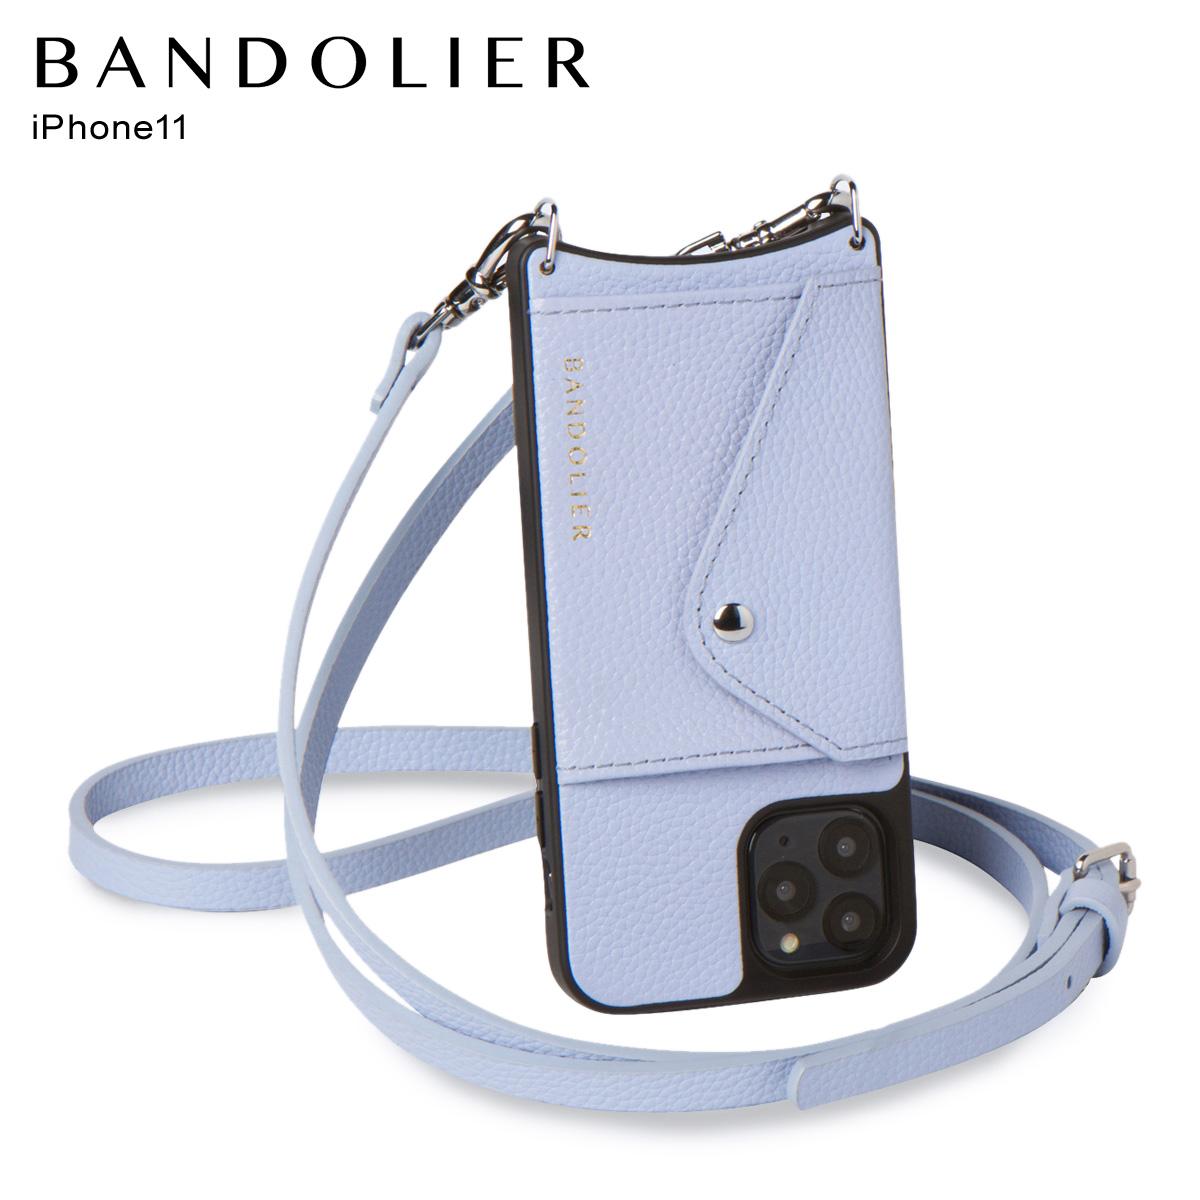 バンドリヤー BANDOLIER iPhone11 ケース スマホ 携帯 ショルダー アイフォン ドナー メンズ レディース DONNA ブルー 14DON [4/13 新入荷]